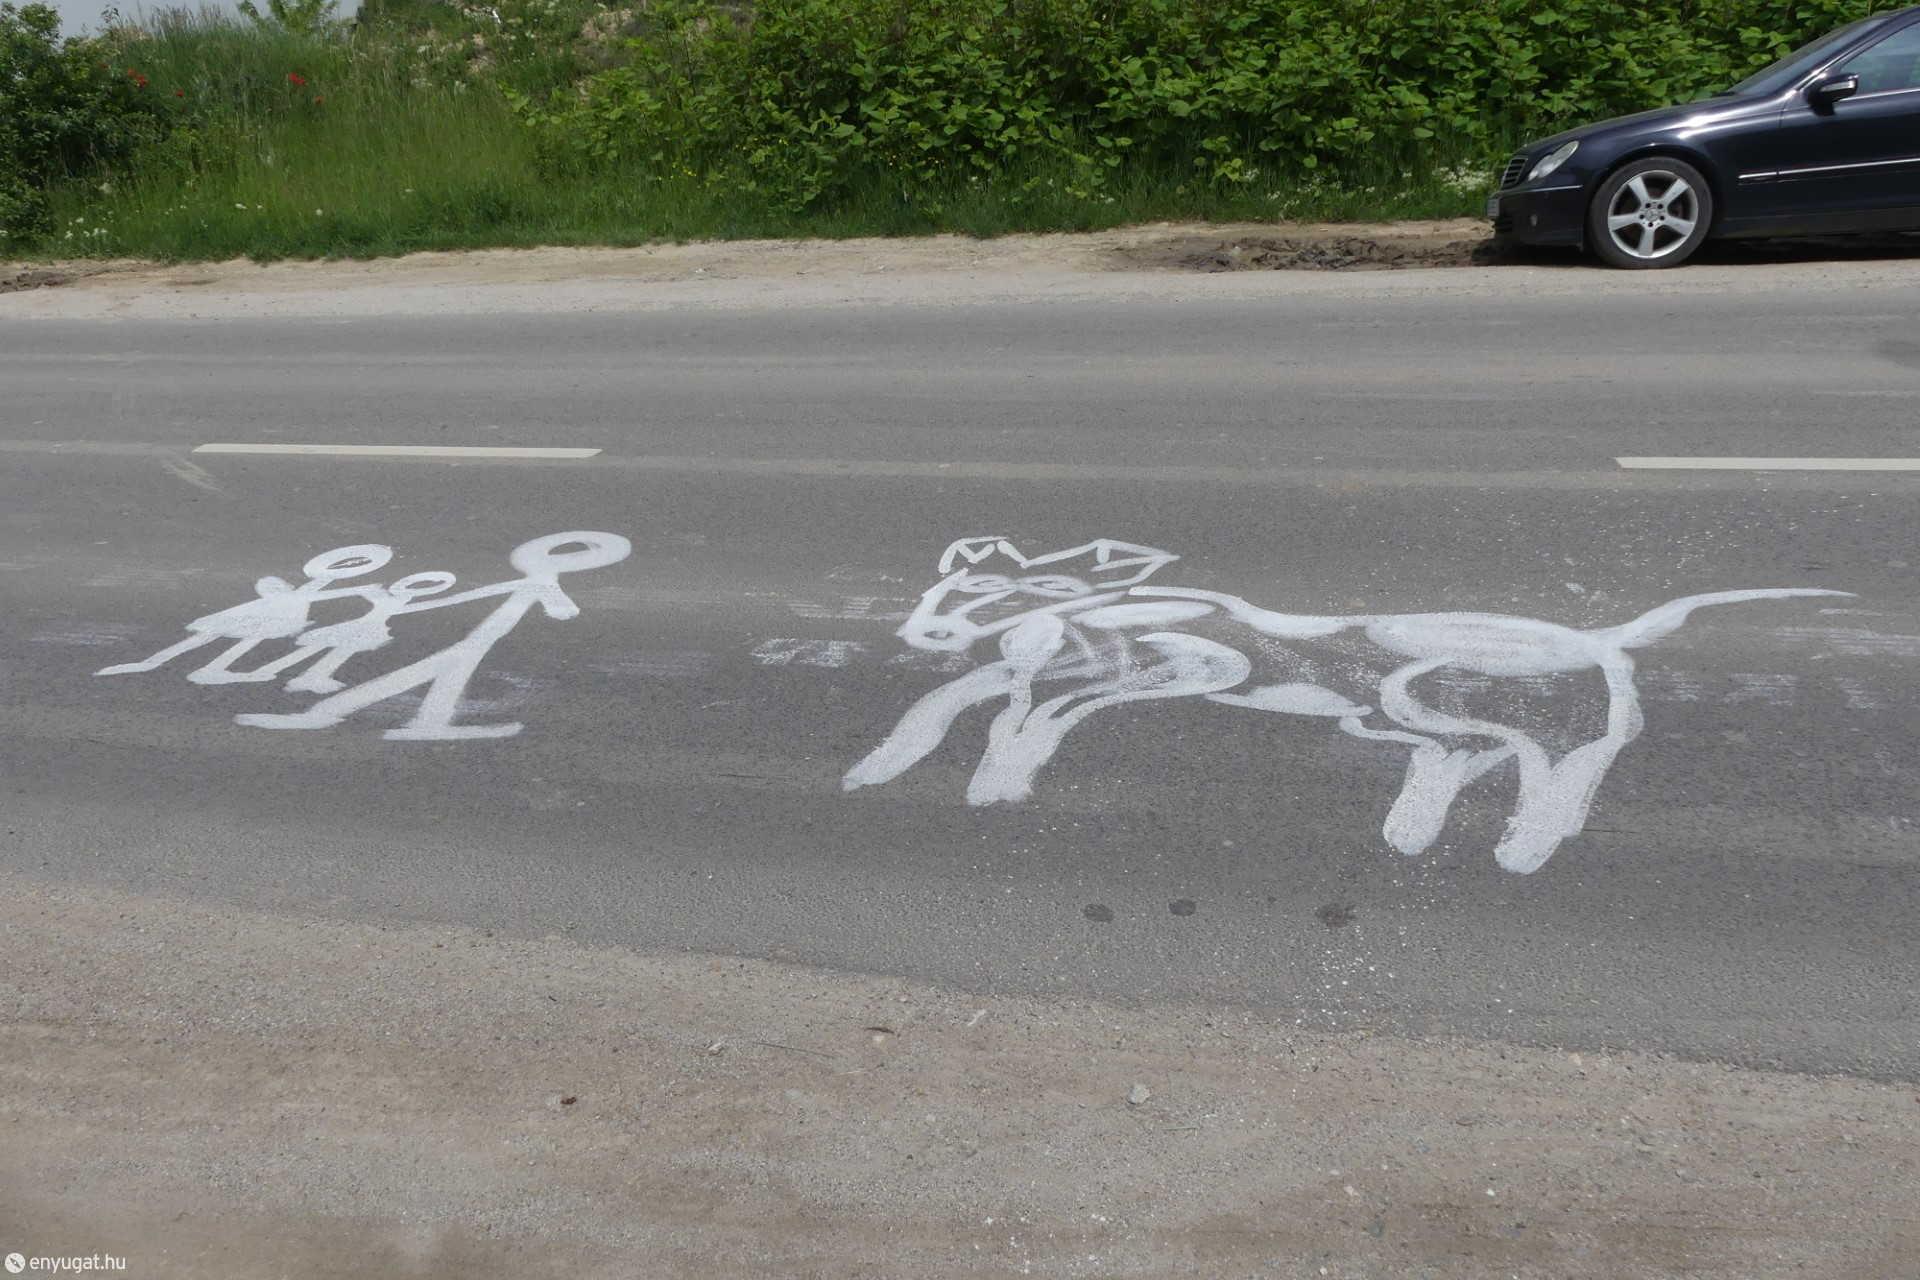 Figyelemfelhívó felfestések a Balfi úton